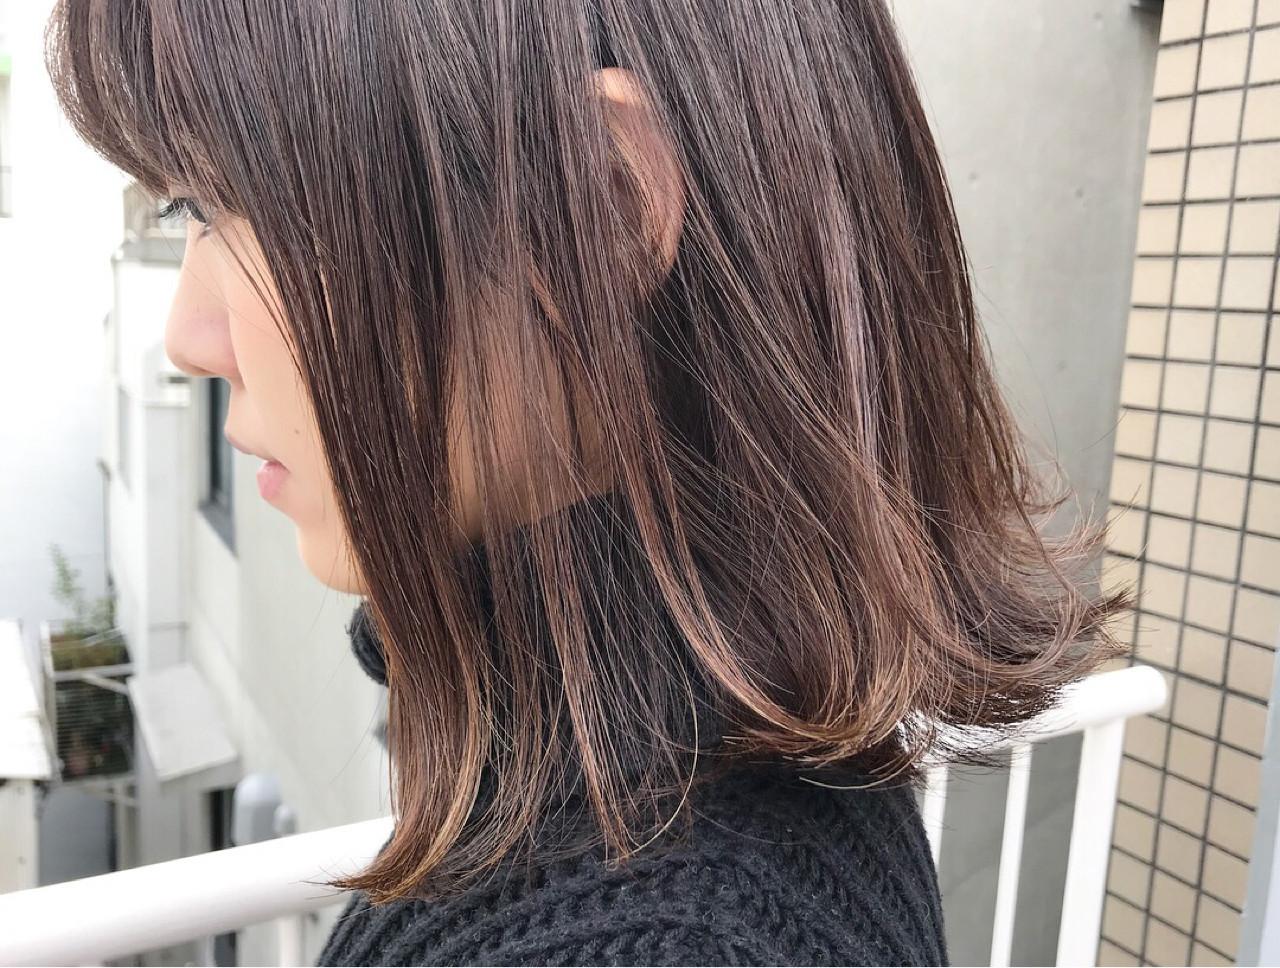 王道のワンカールなら女性らしいミディアムヘアに miya/@1031miya | フリーランス(XENA)